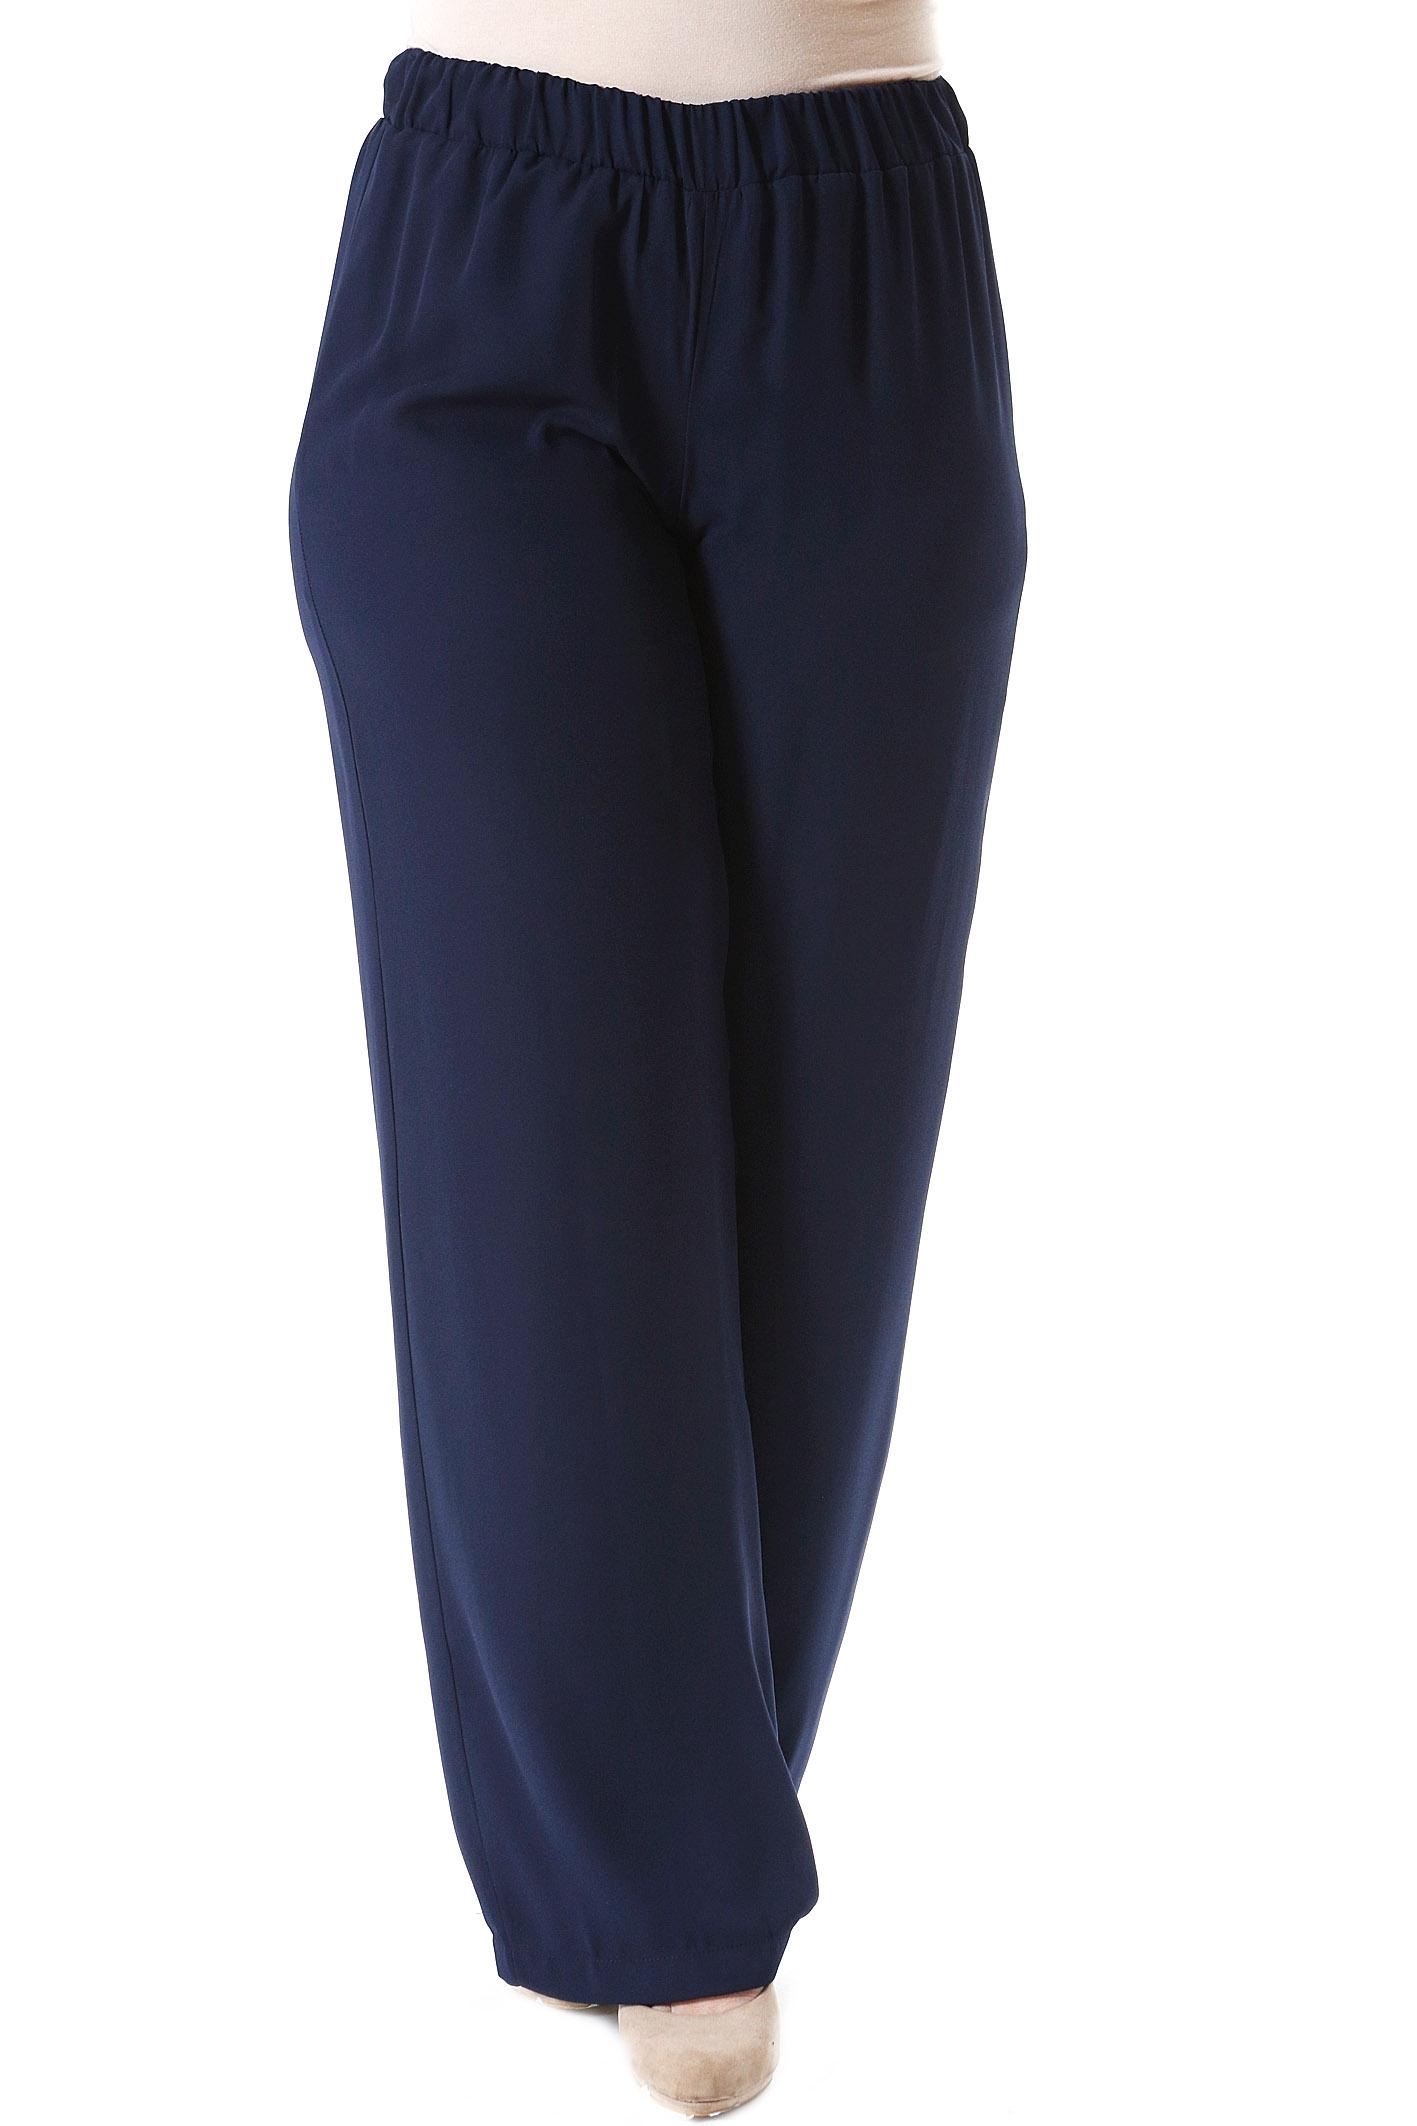 Παντελόνα διπλή ζορζέτα μπλε νέες αφίξεις   ενδύματα   παντελόνια   κολάν   siderati   brands